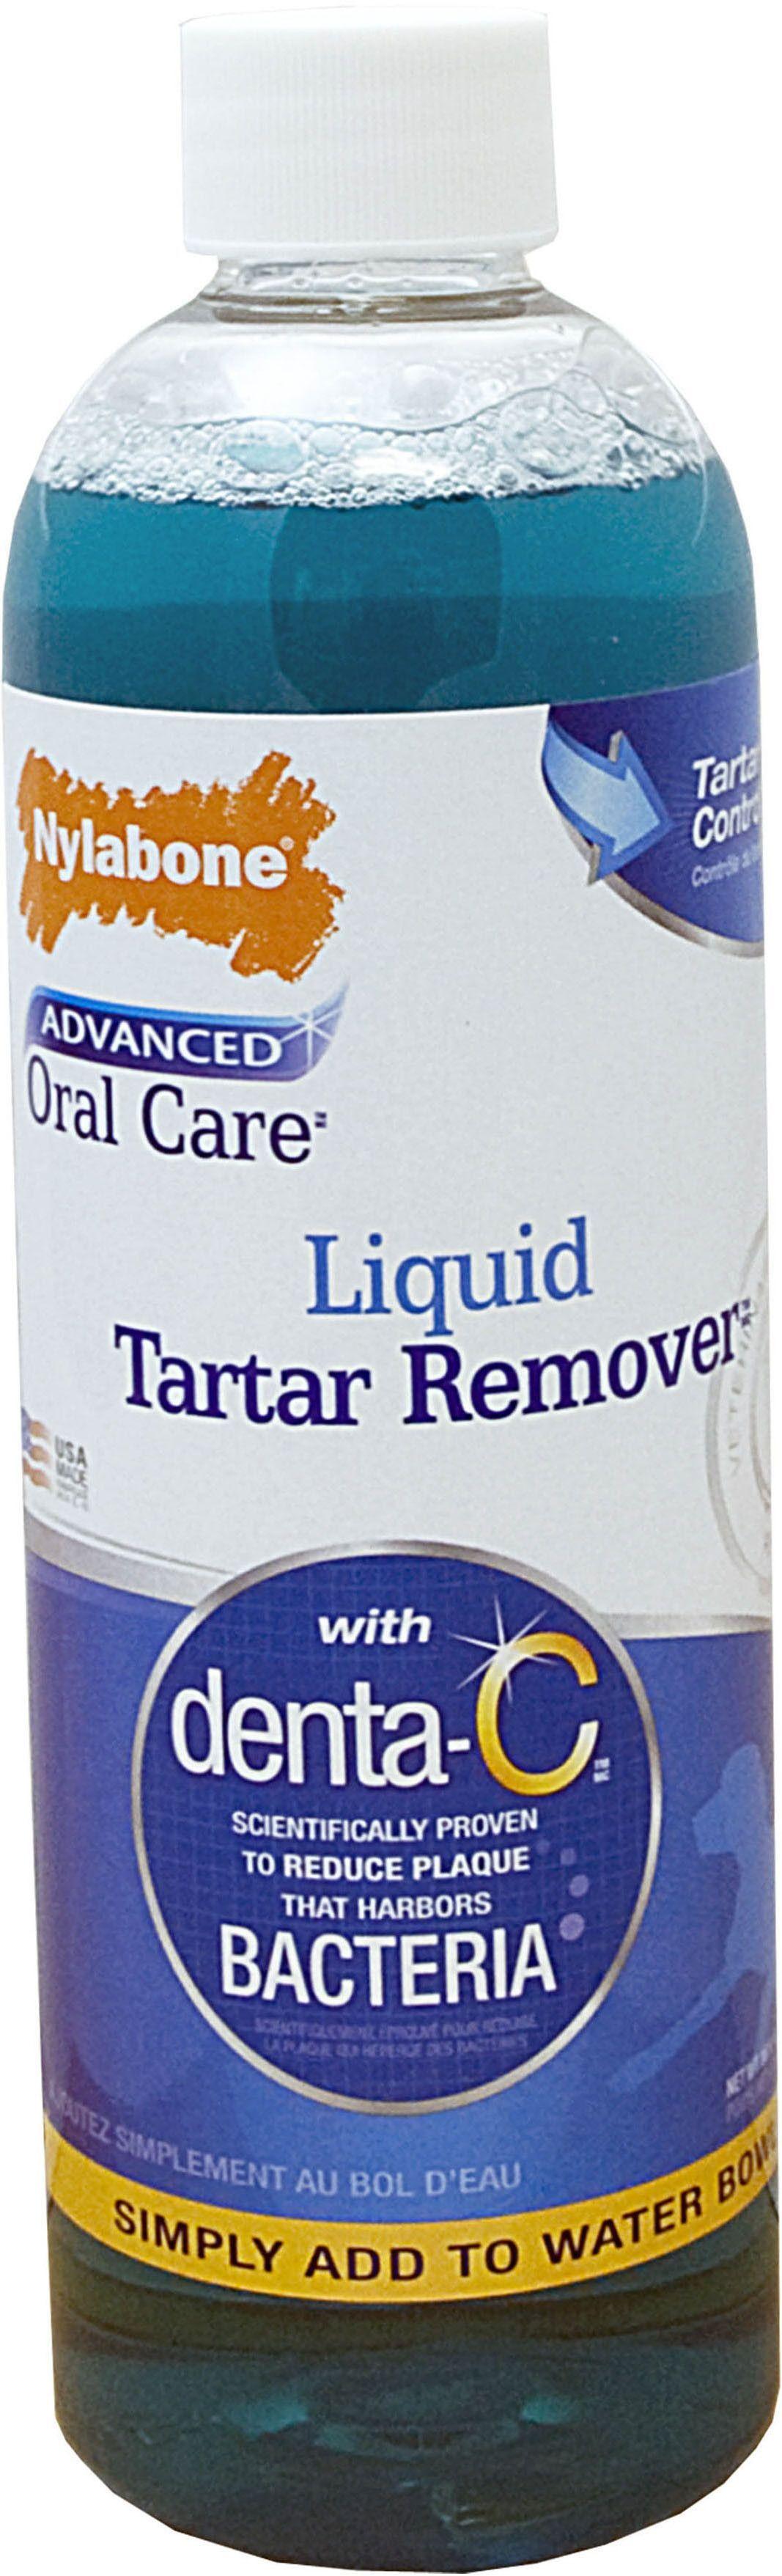 Advanced oral care liquid tartar remover oral care